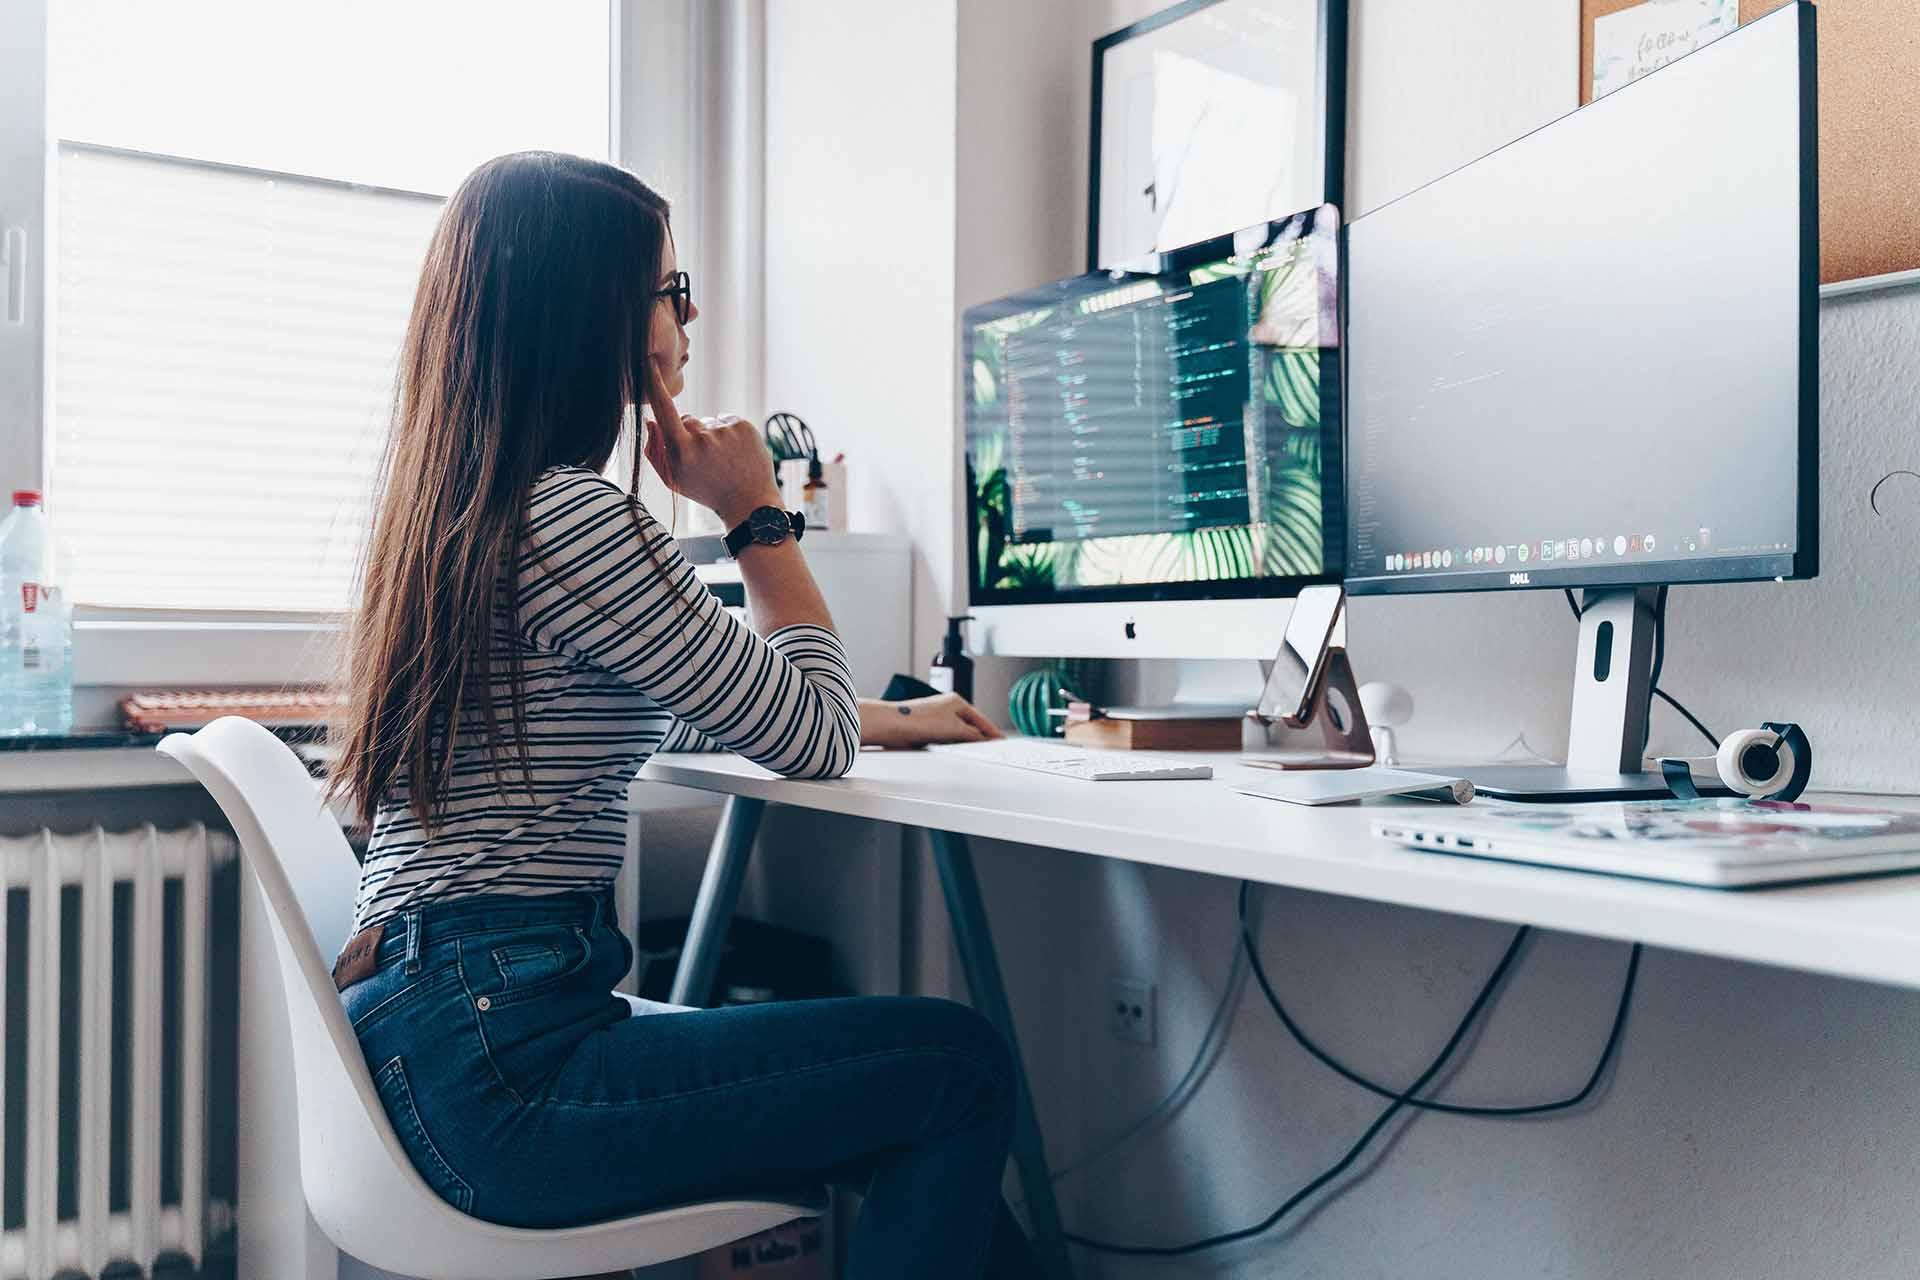 t2informatik Blog: Entwickler 2018 - Motive und Zahlen